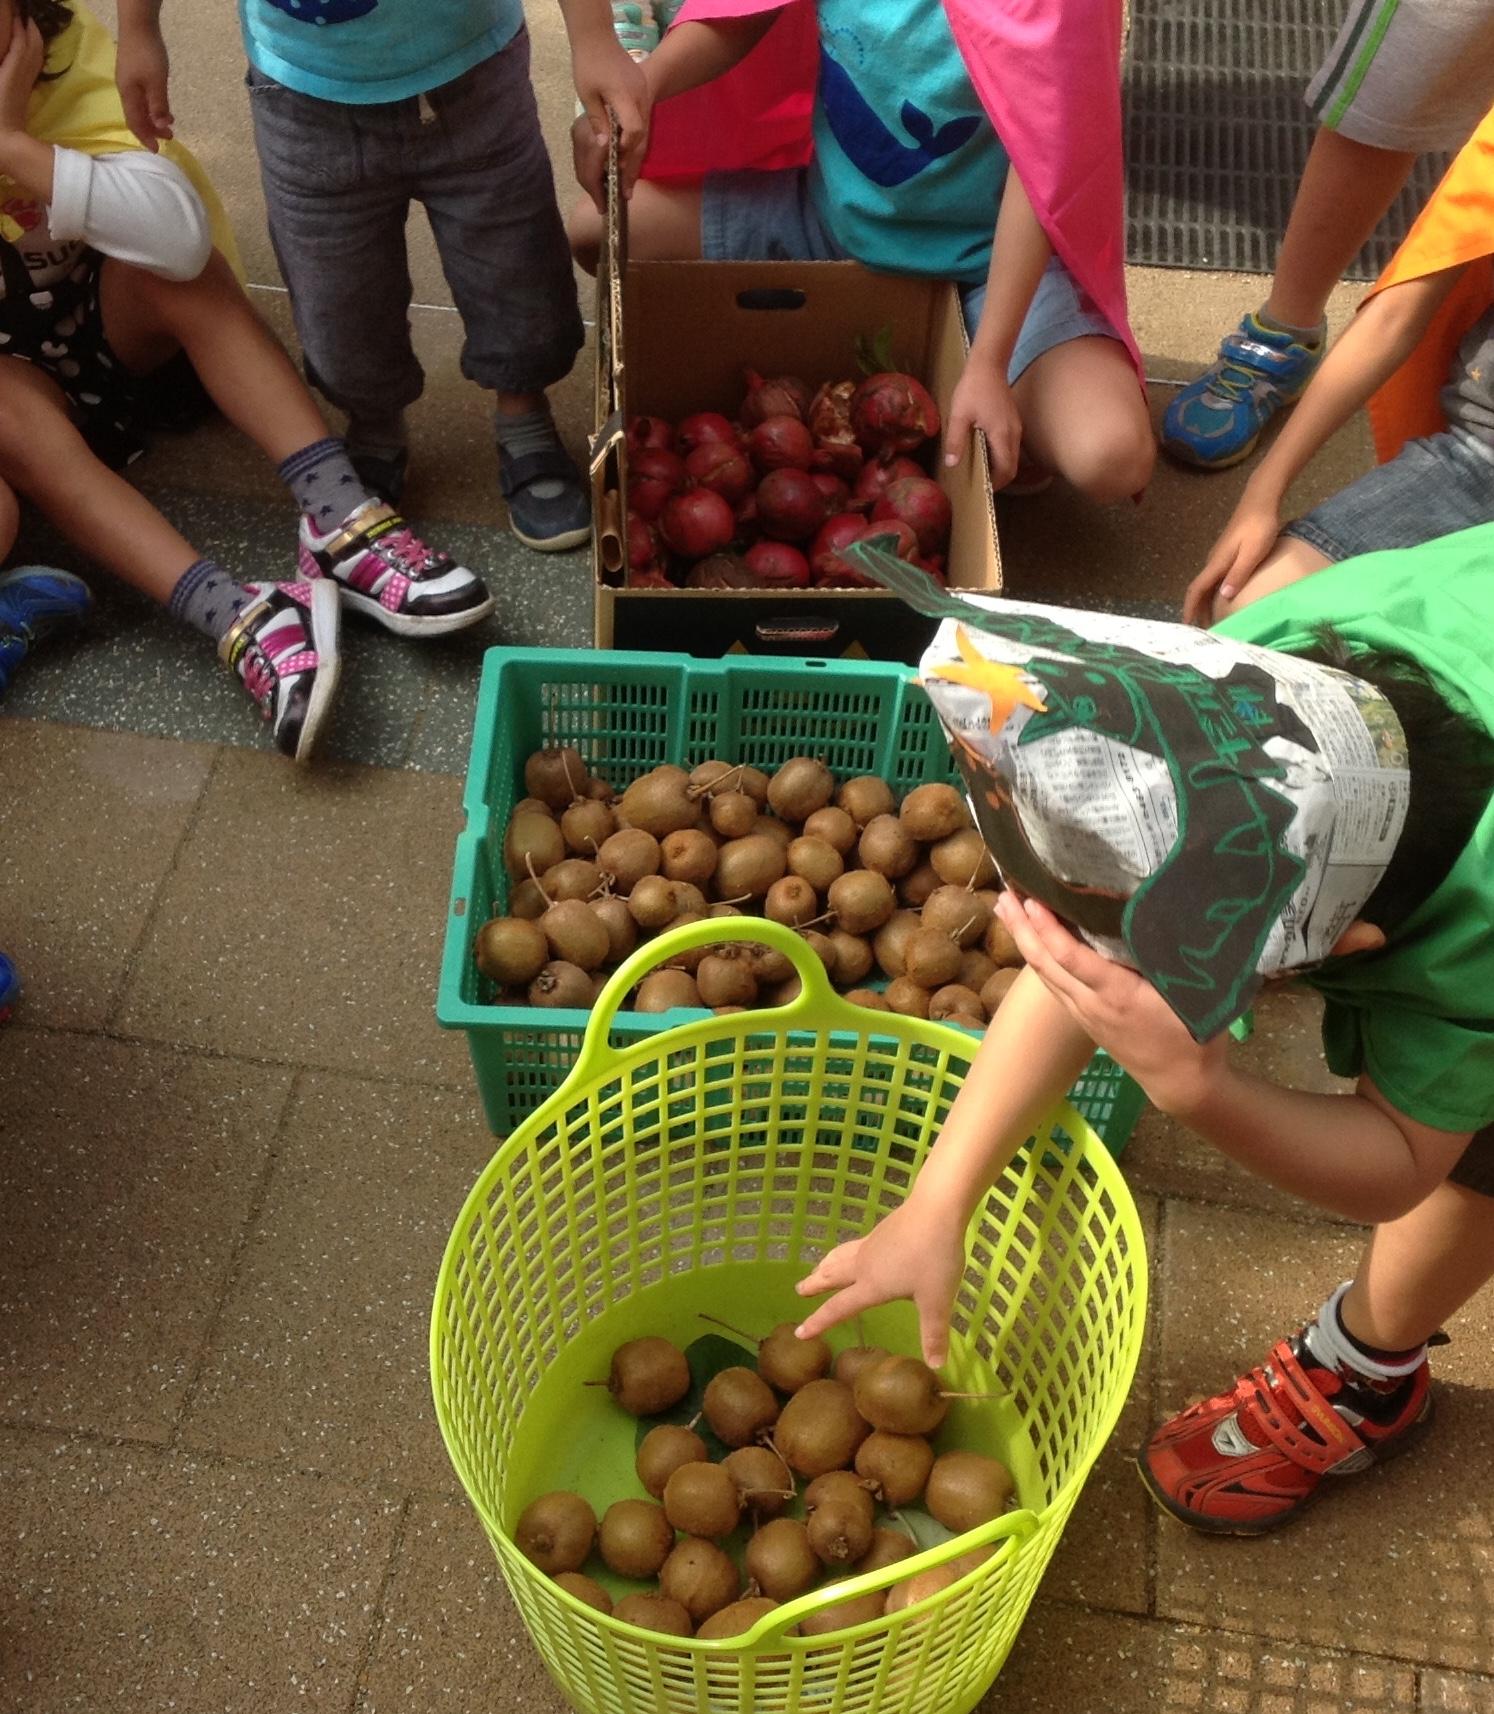 園庭で収穫したキウイフルーツ(100個以上)とザクロの実(70個以上)